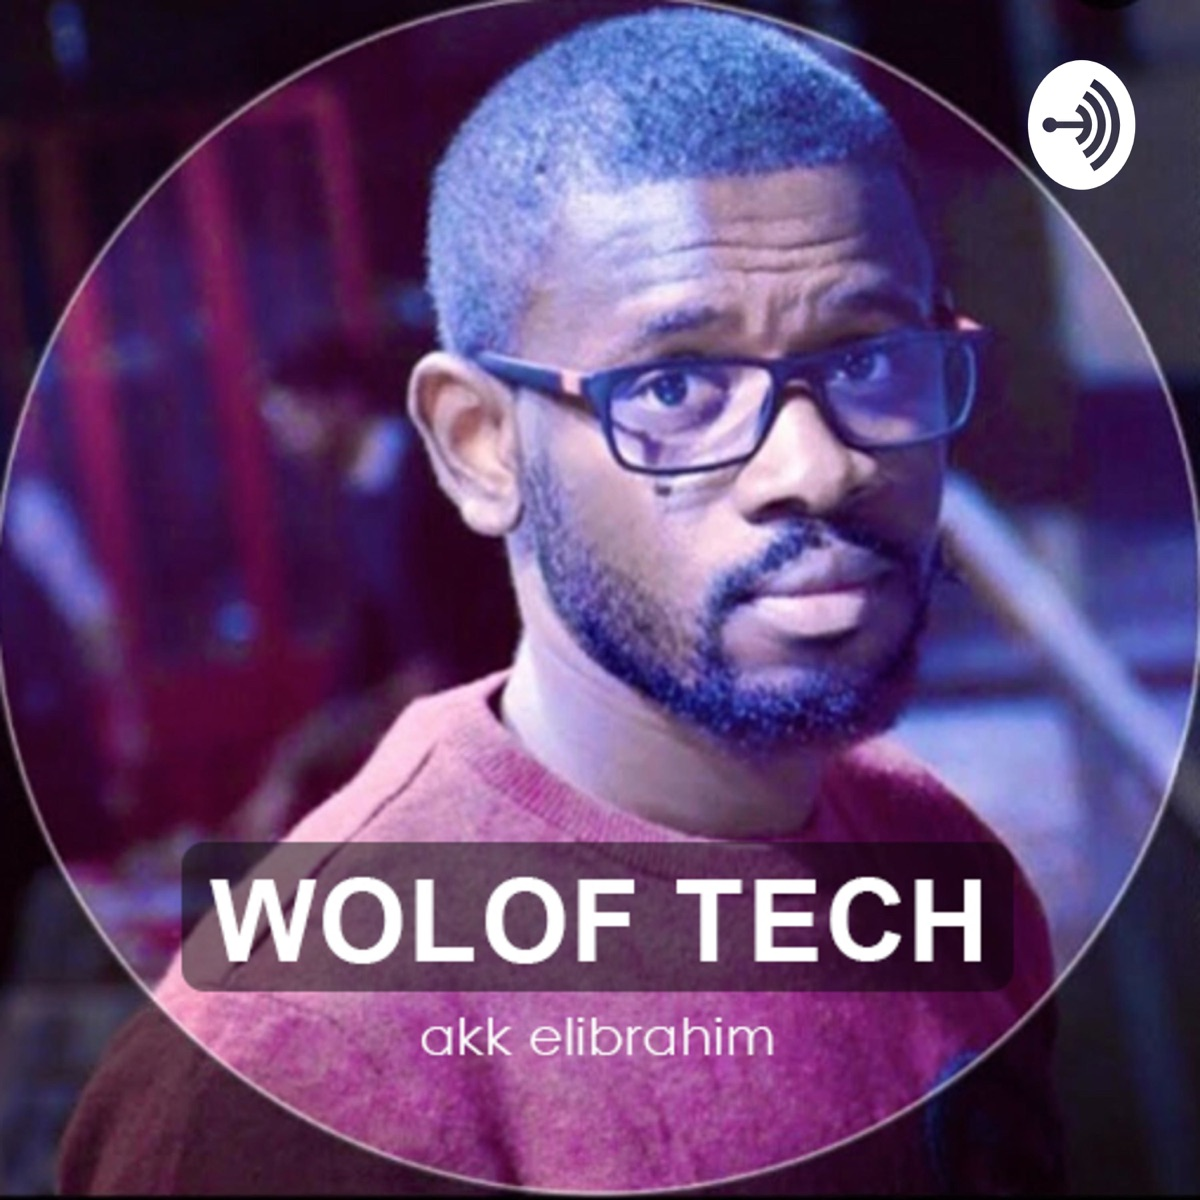 Wolof Tech